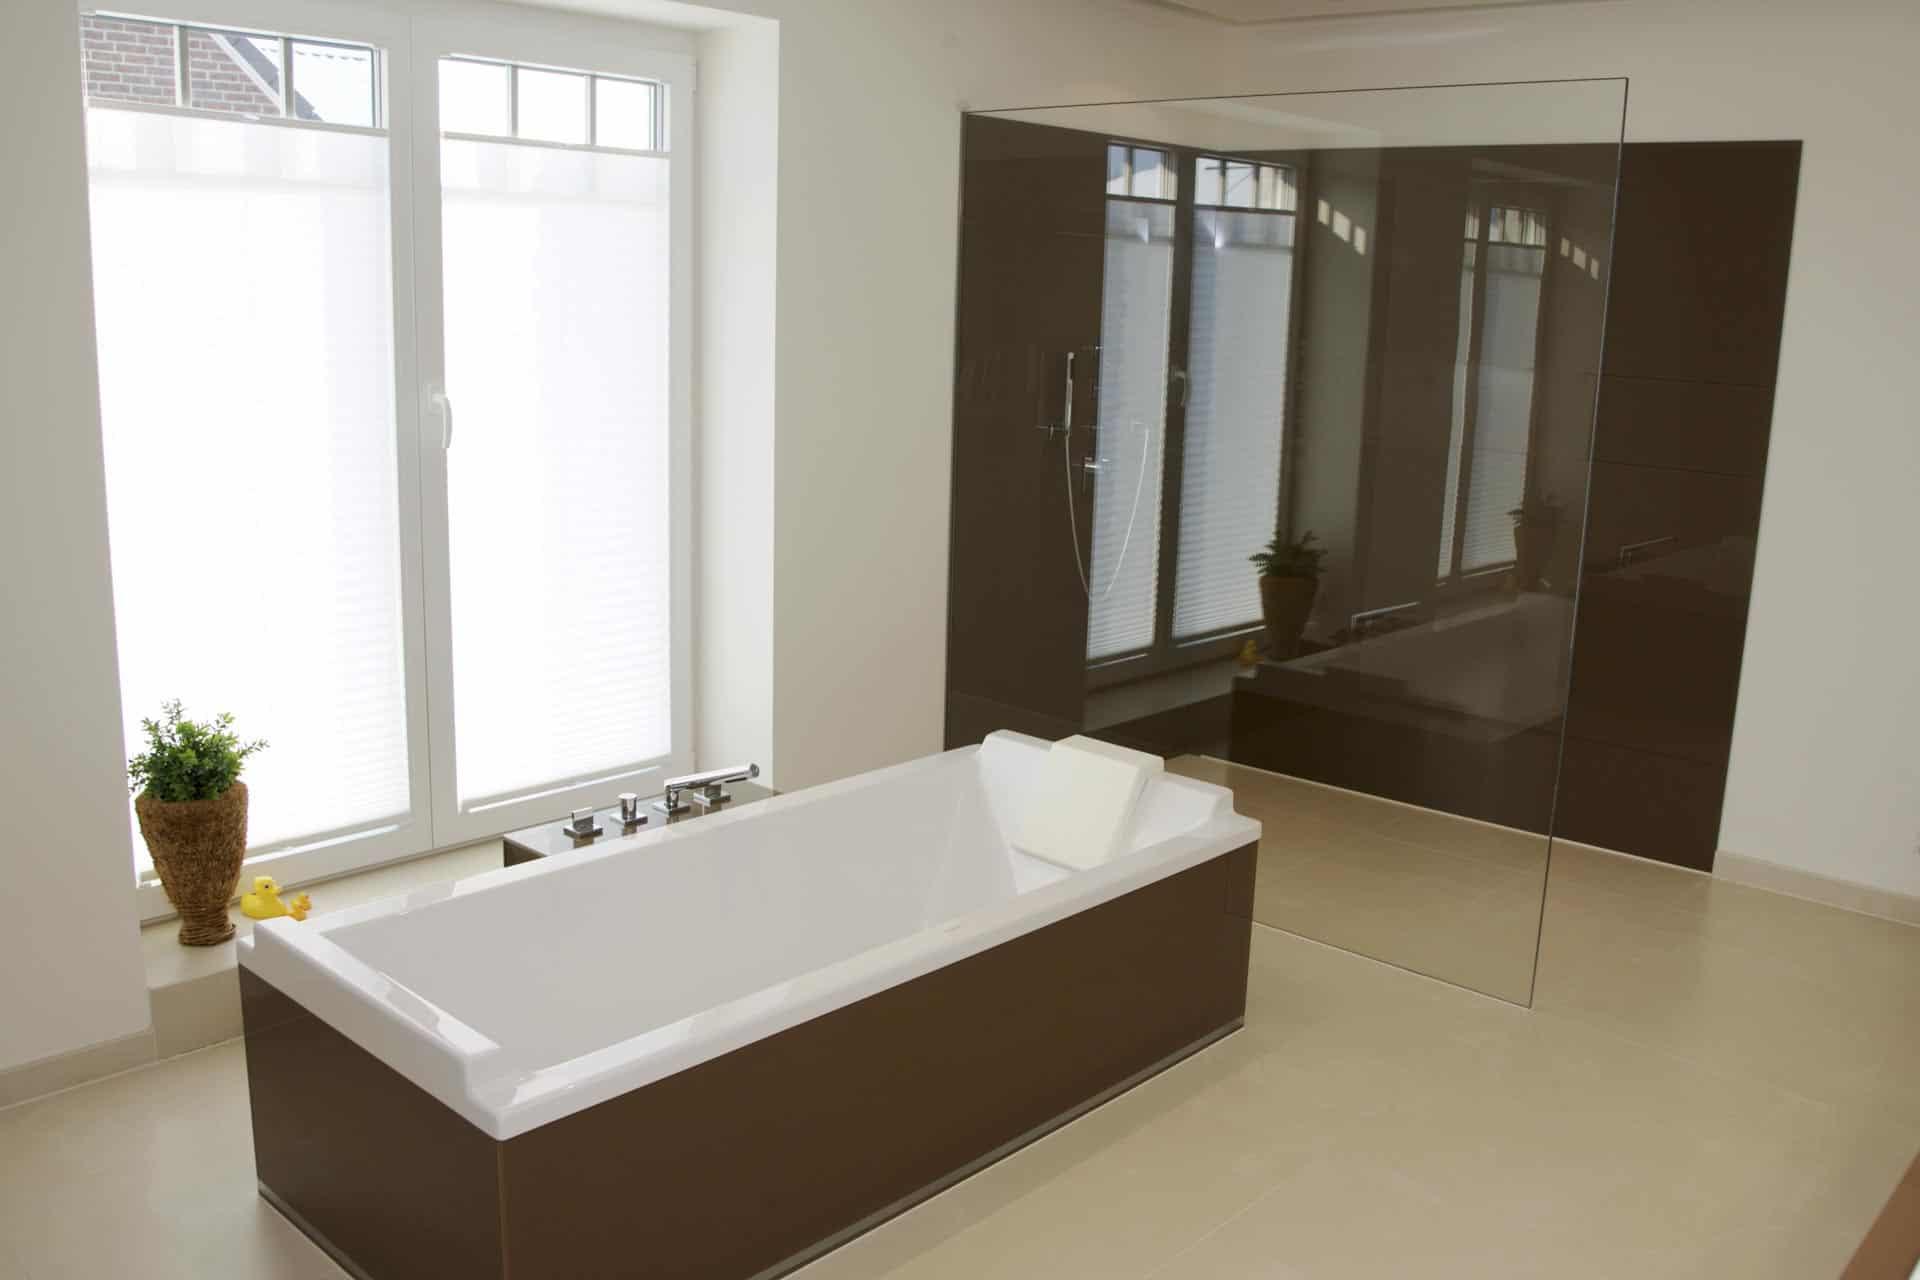 badewanne fliesen beautiful anbau f neues grozgiges masterbad mit dusche stkn architekten. Black Bedroom Furniture Sets. Home Design Ideas